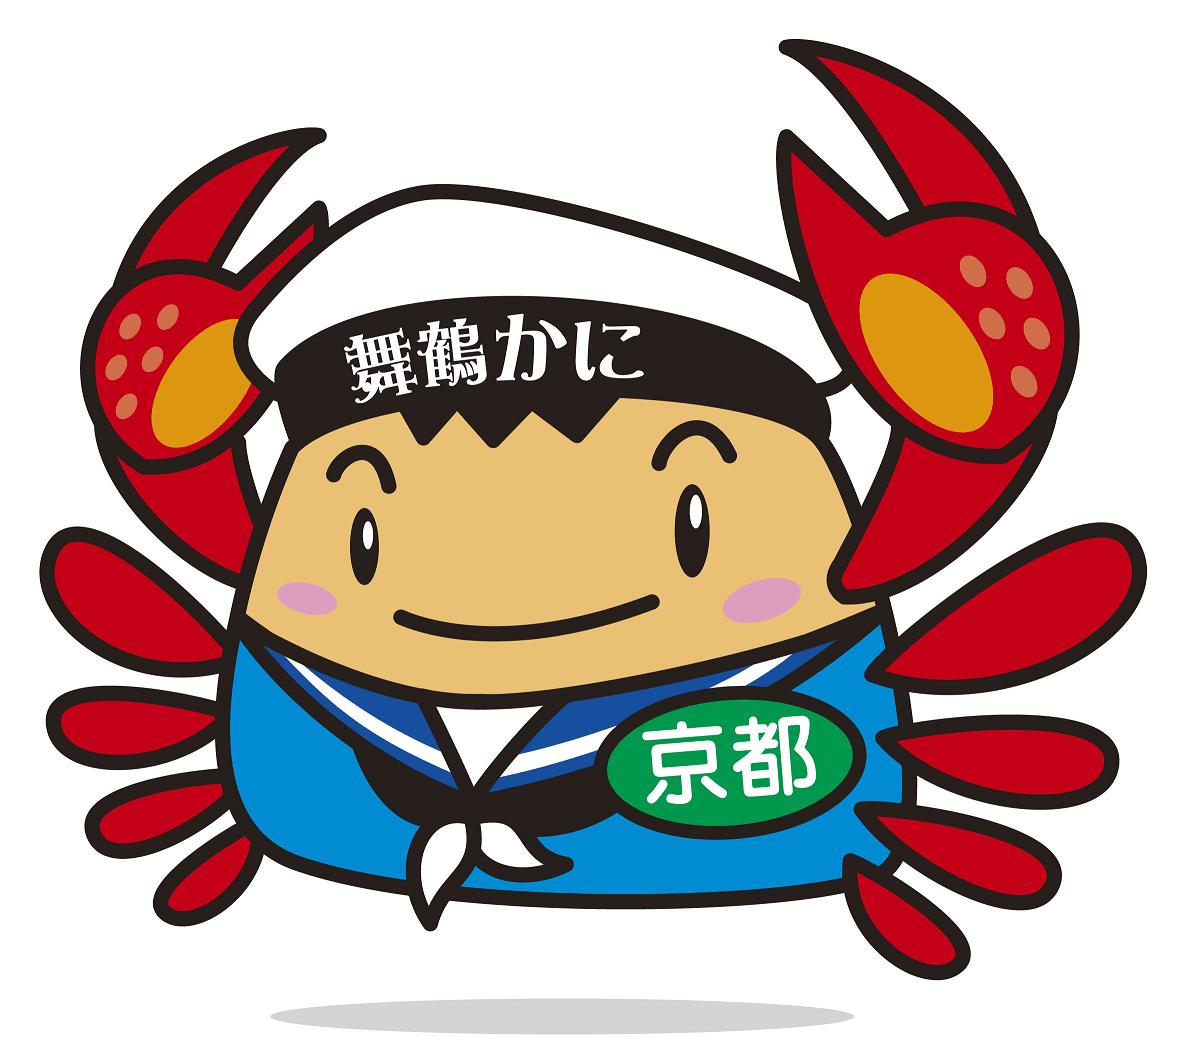 クルーズマンズユーザー限定!舞鶴の名産品プレゼントキャンペーン